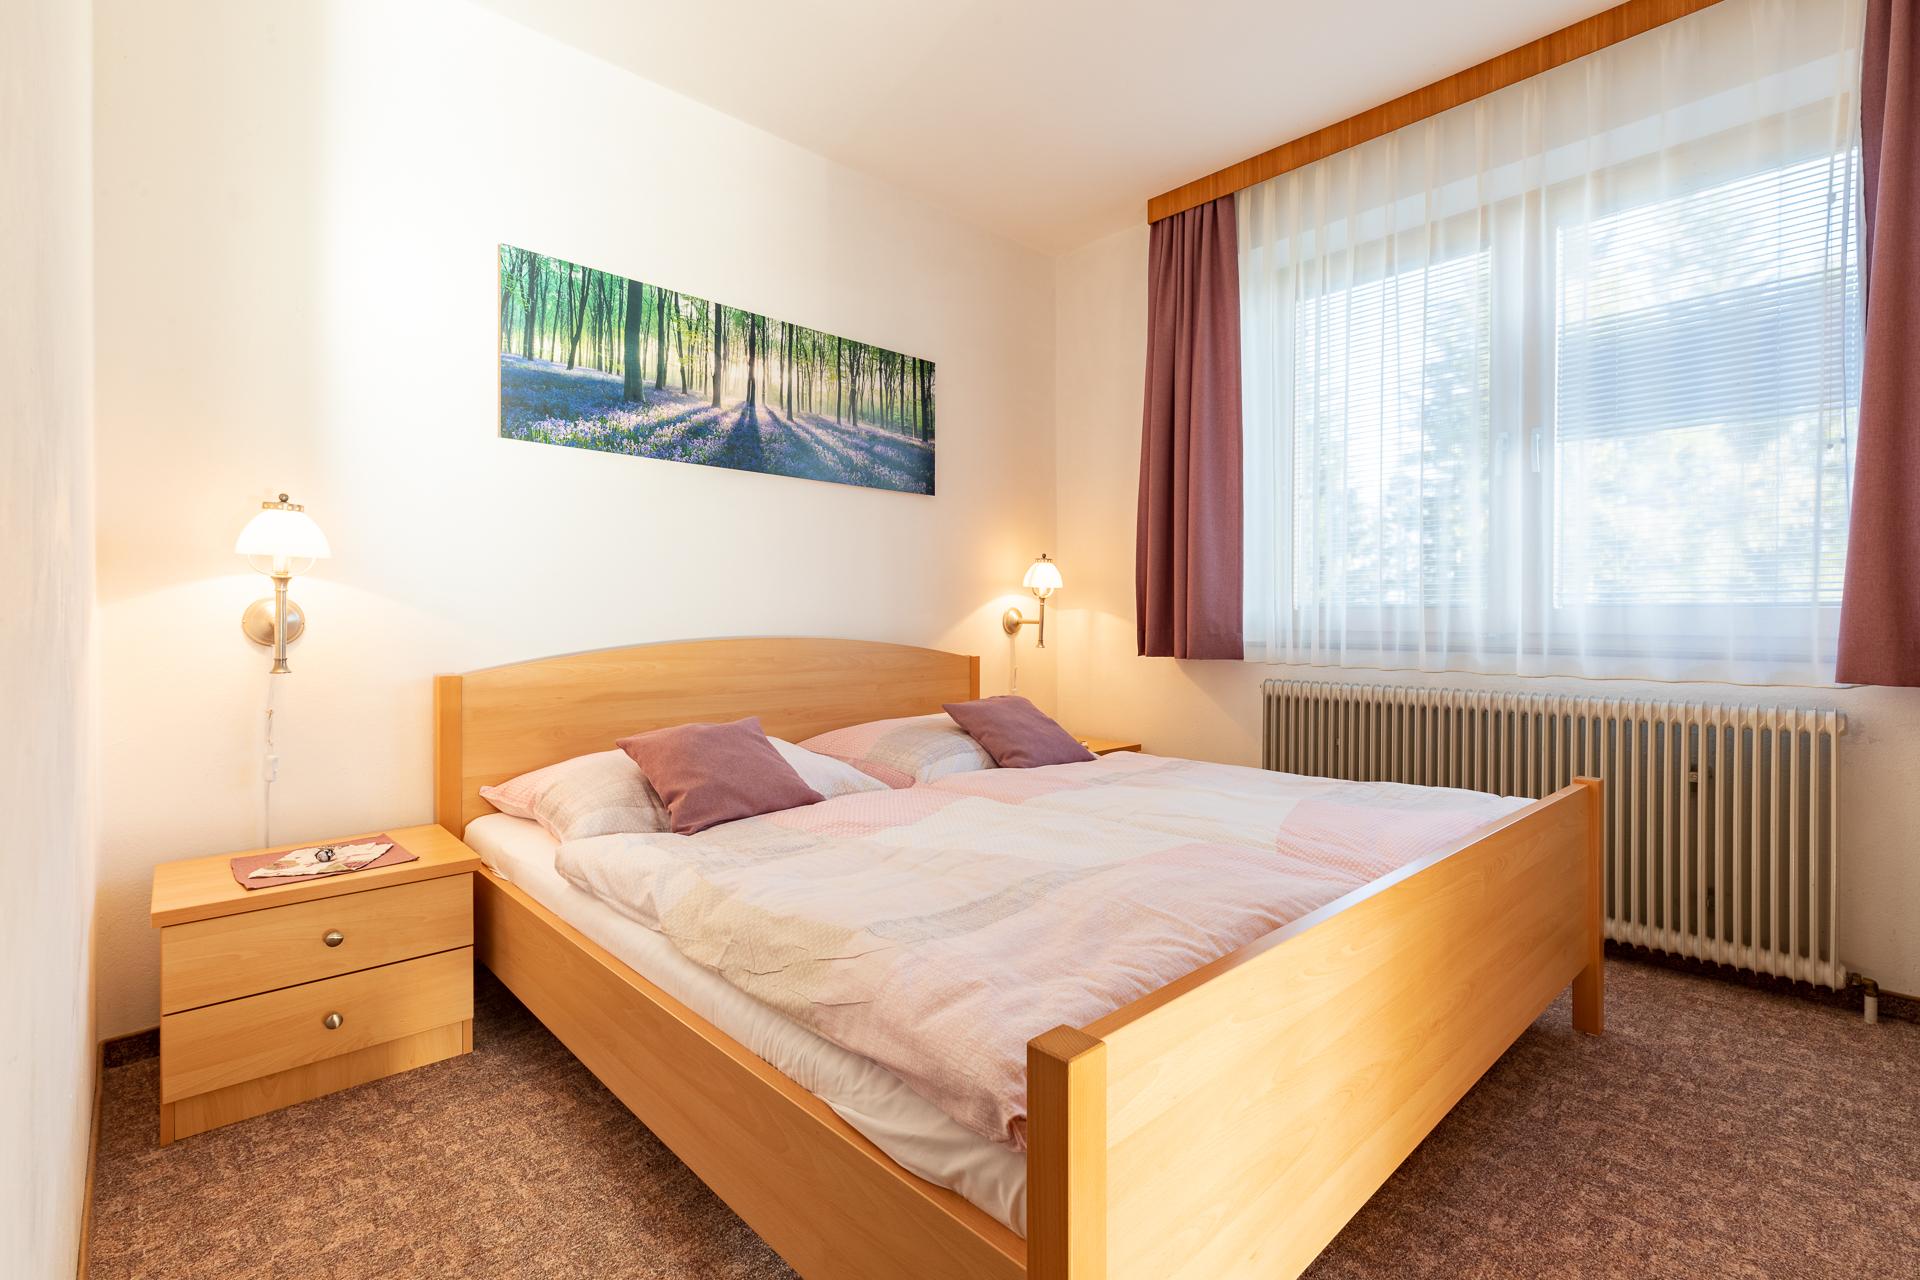 1_gaestehaus-apschner-web-14Cwieneralpen-kremsl